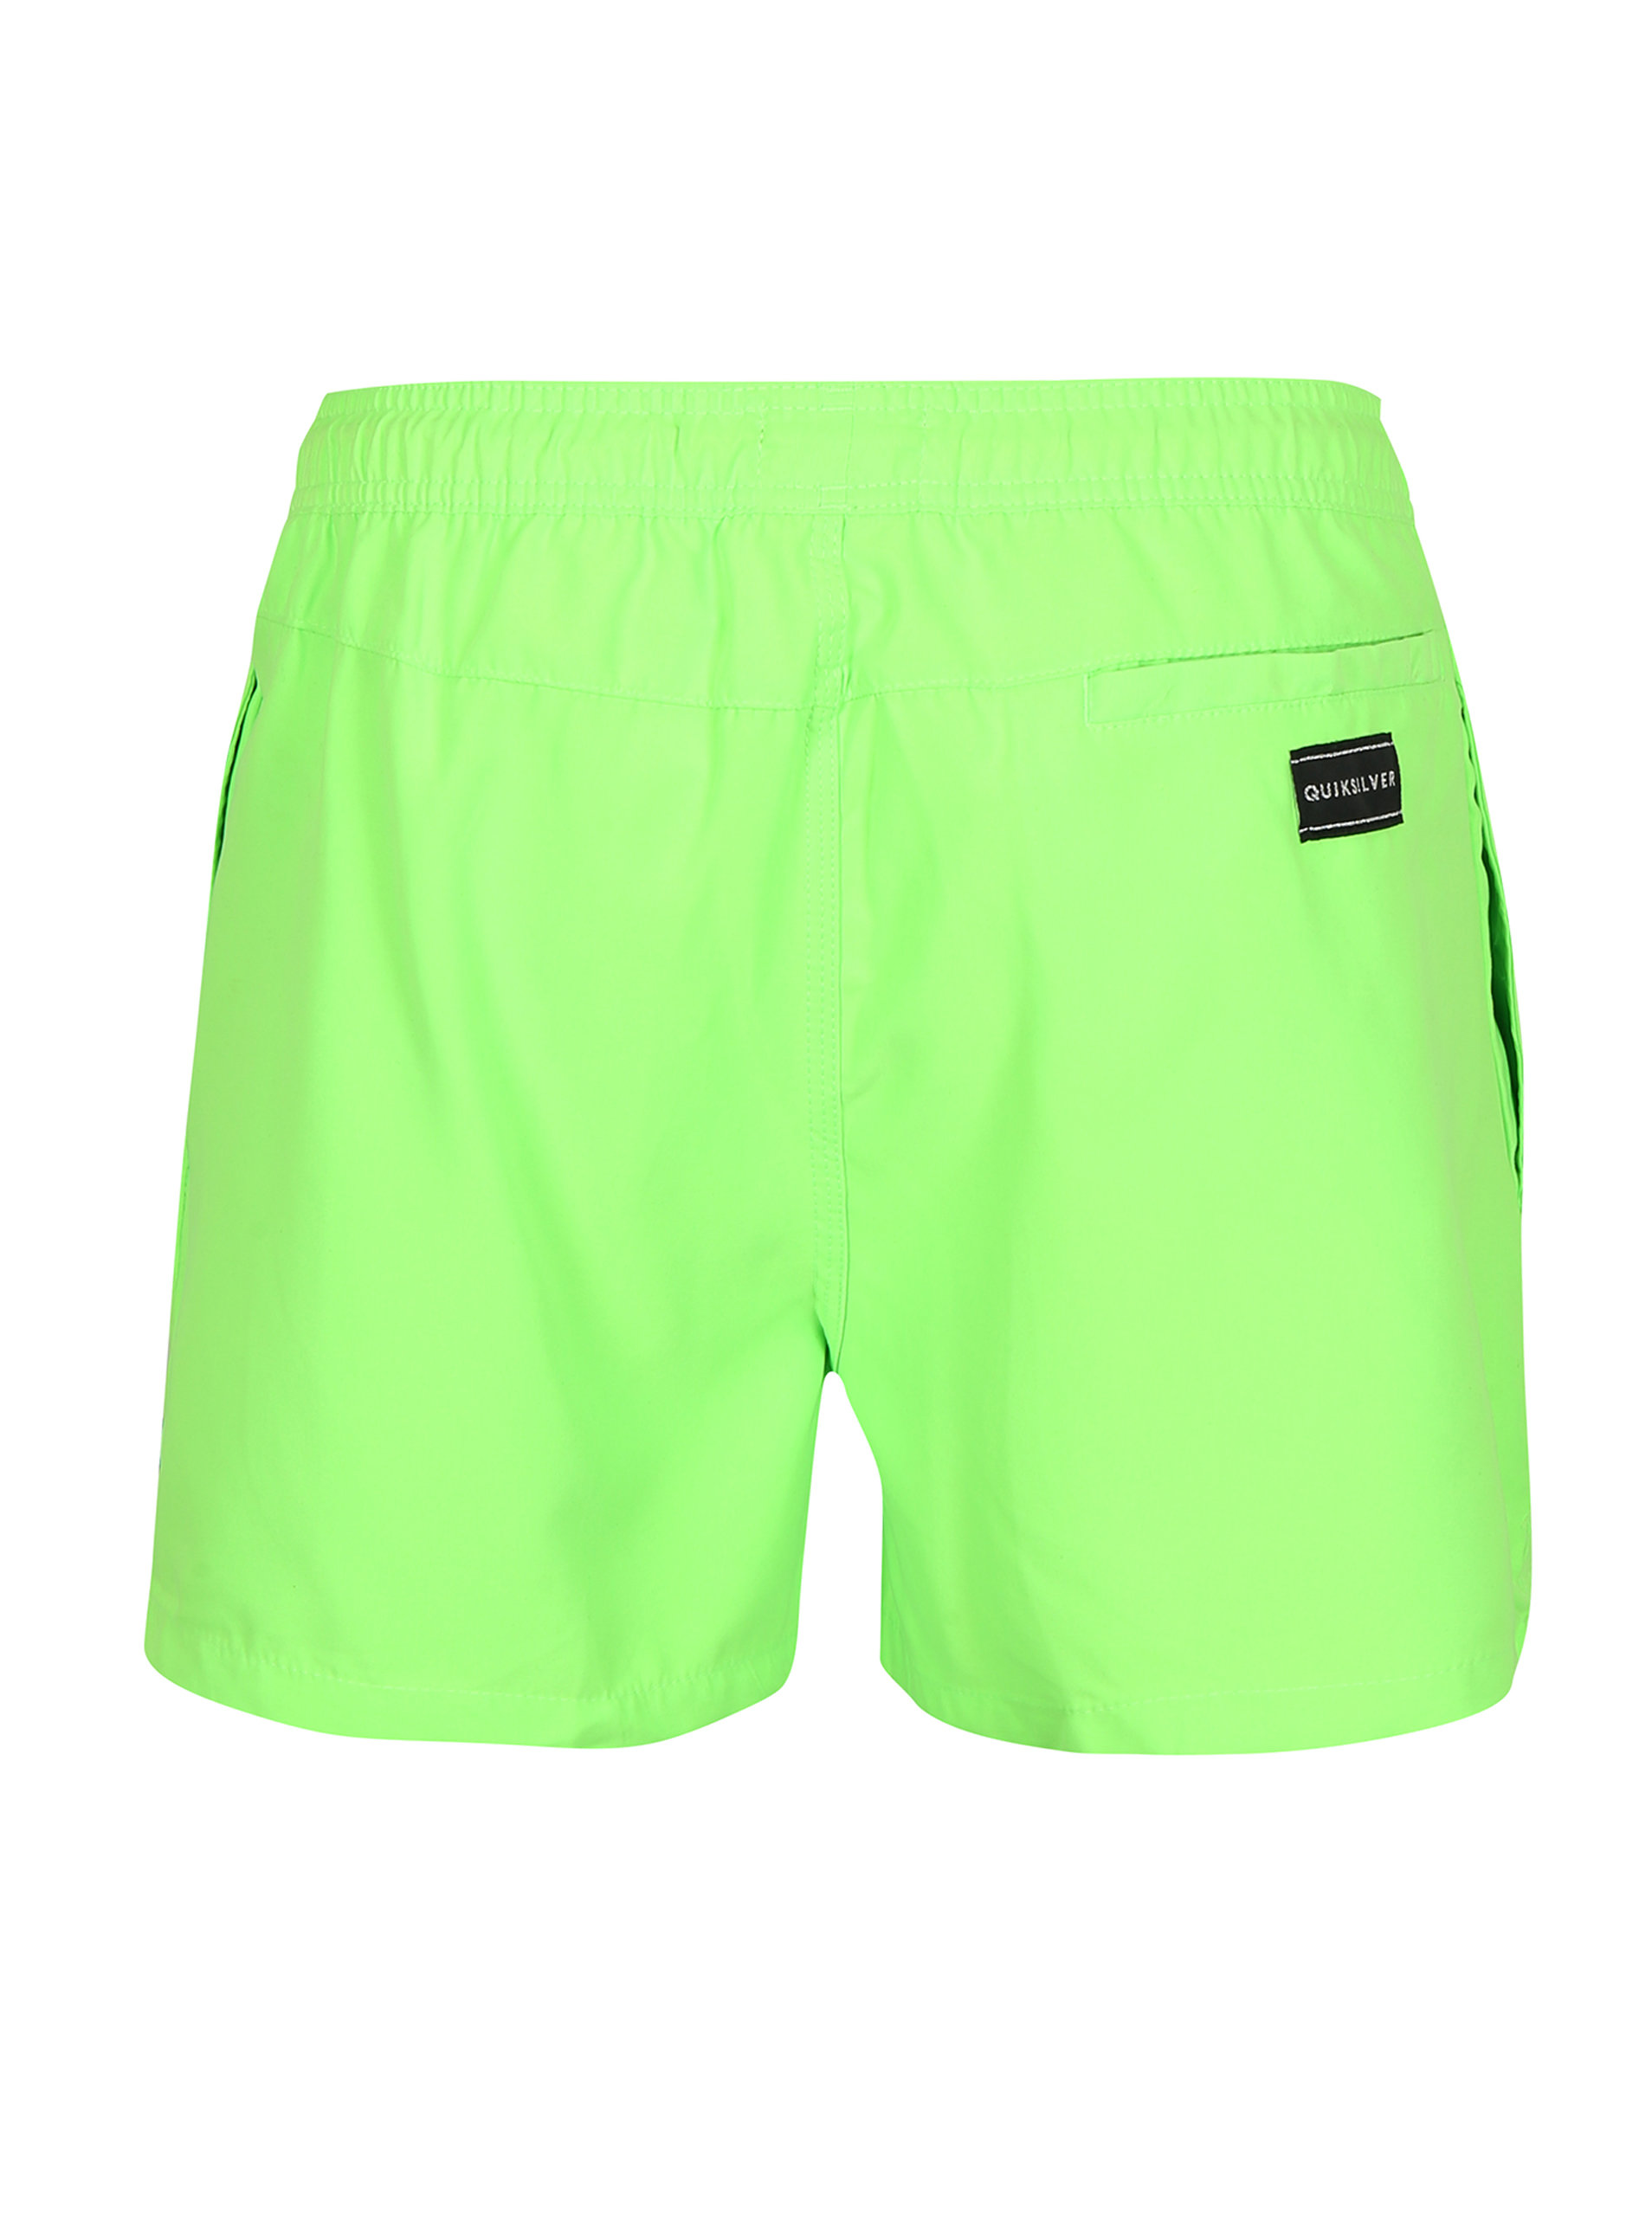 Neonově zelené pánské plavky Quiksilver ... e853842bb3